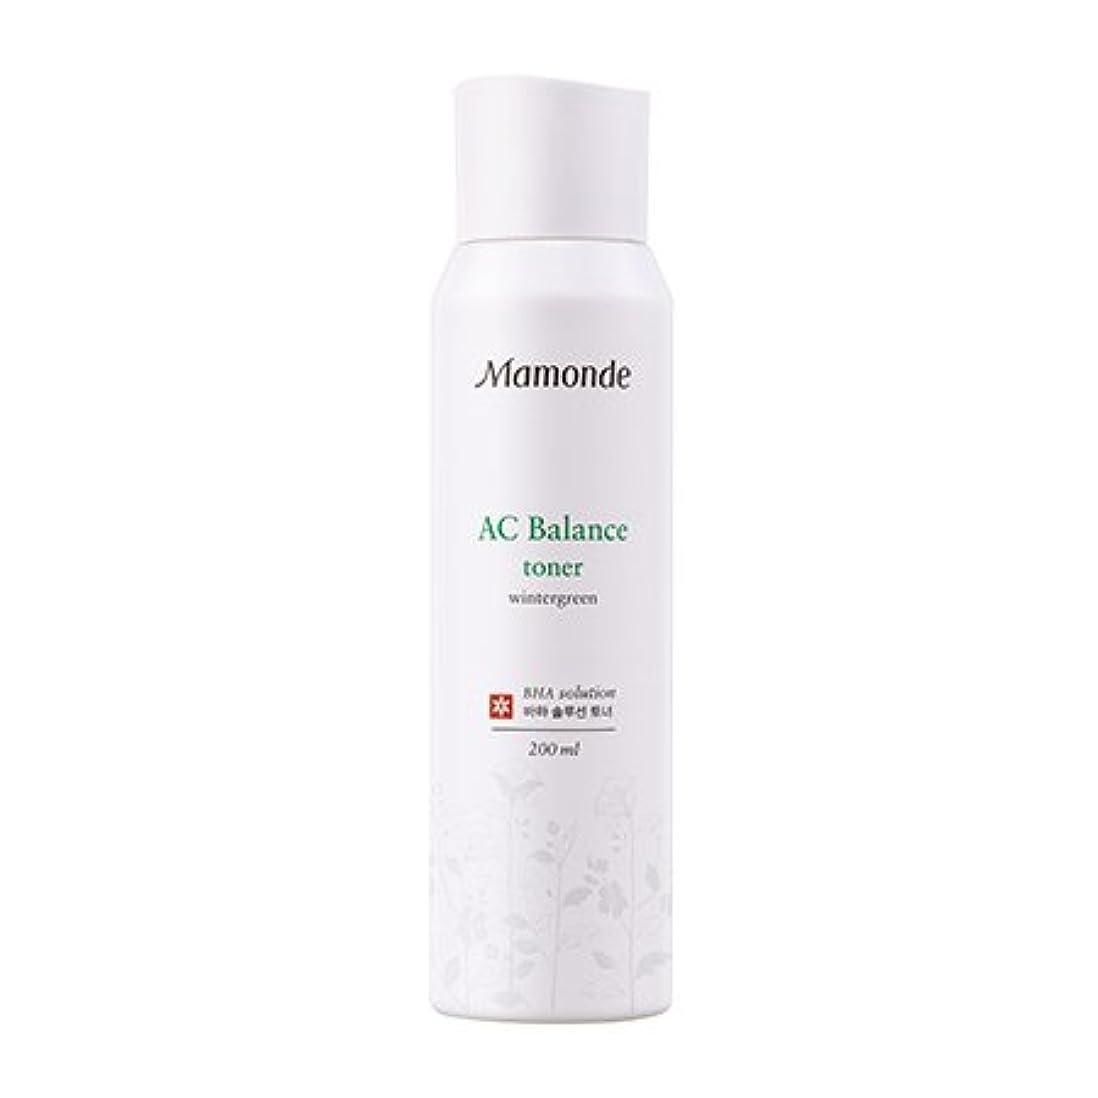 メロドラマ感性不毛の[New] Mamonde AC Balance Toner 200ml/マモンド AC バランス トナー 200ml [並行輸入品]